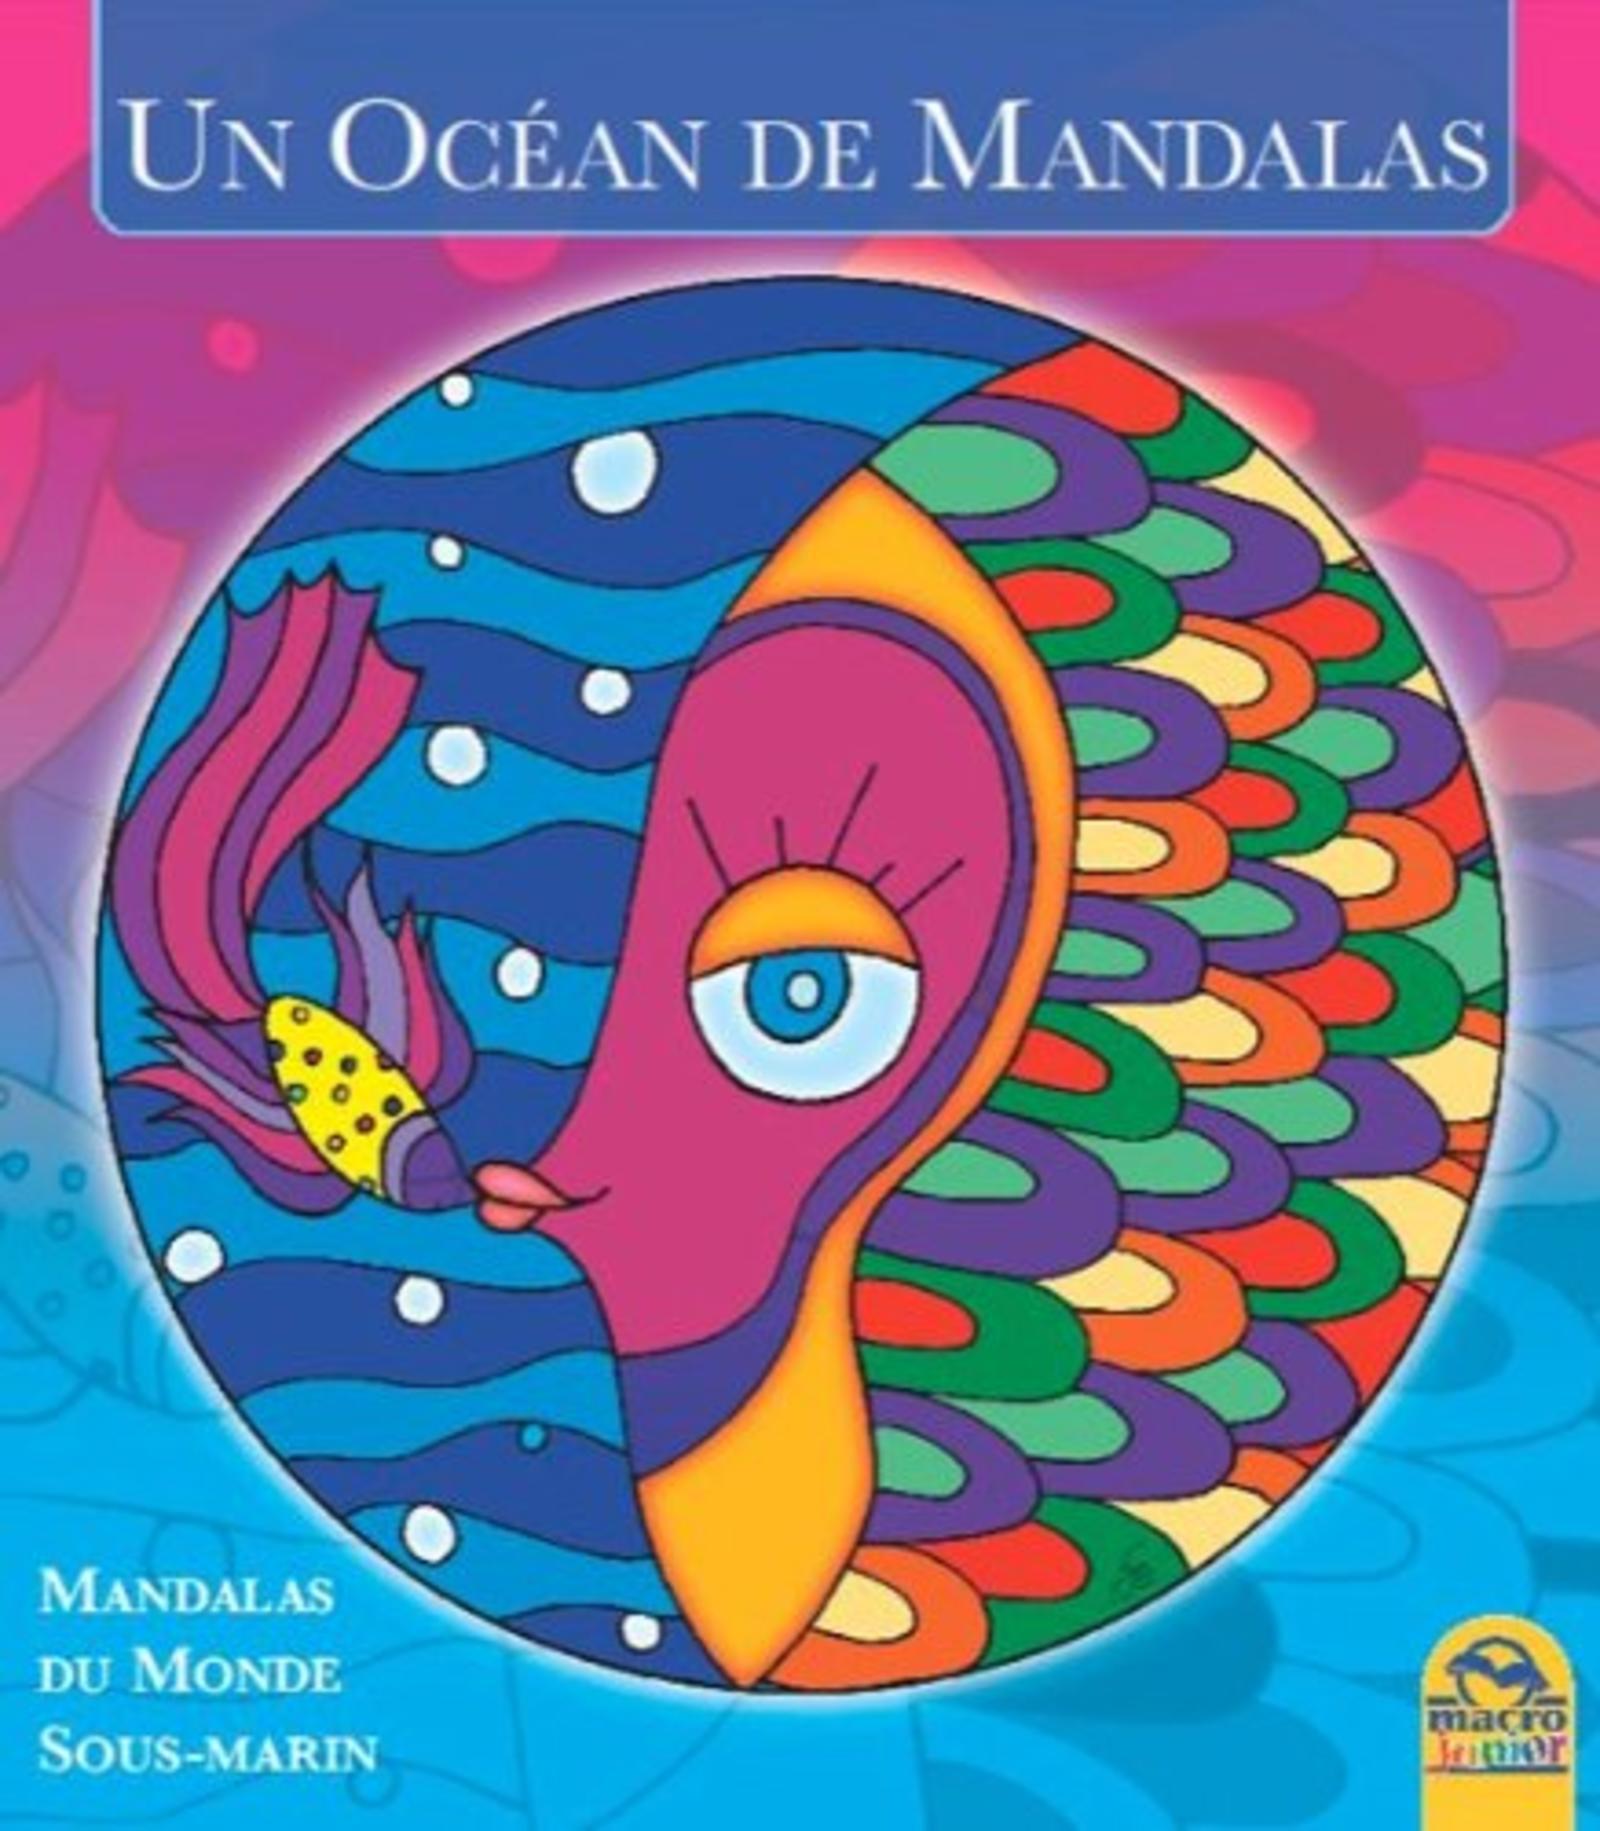 UN OCEAN DE MANDALAS